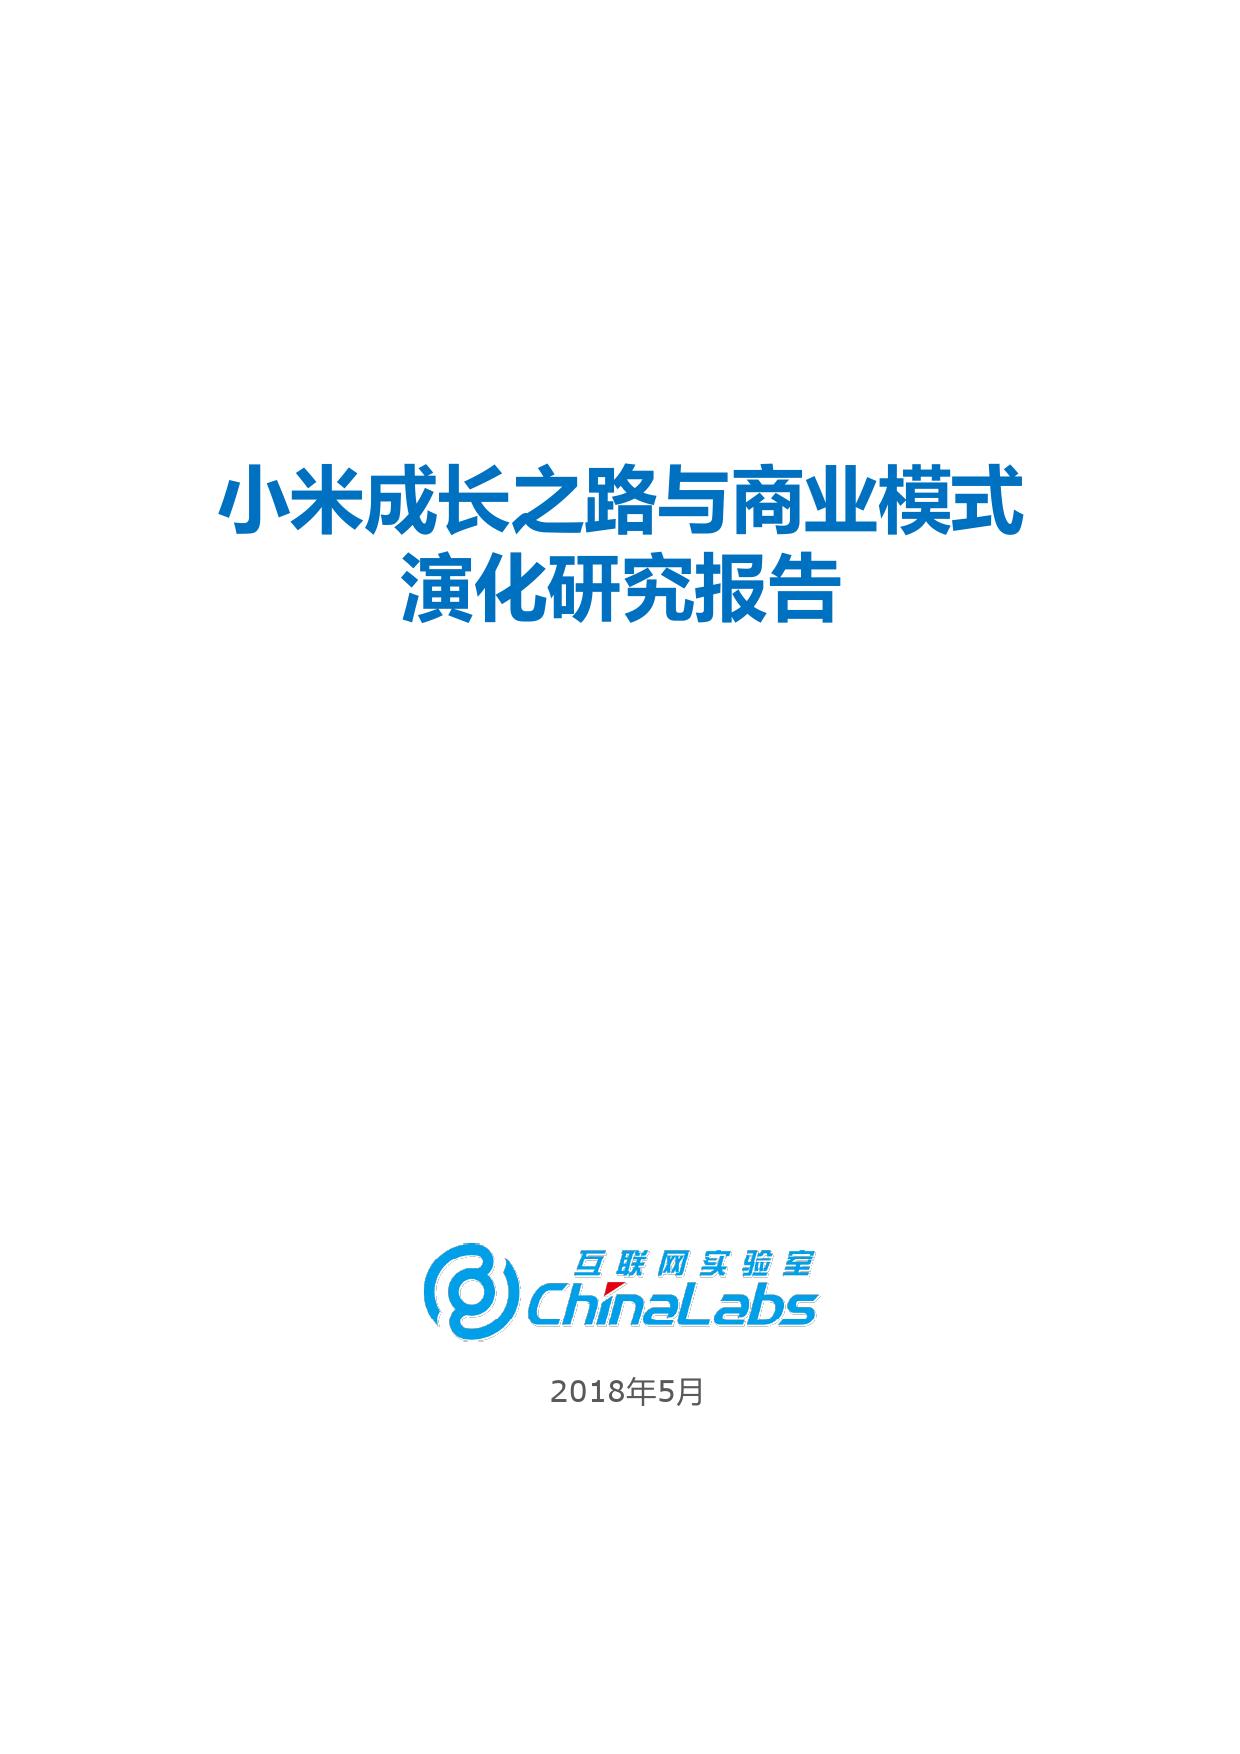 互联网实验室:2018小米成长之路与商业模式演化报告(附下载)